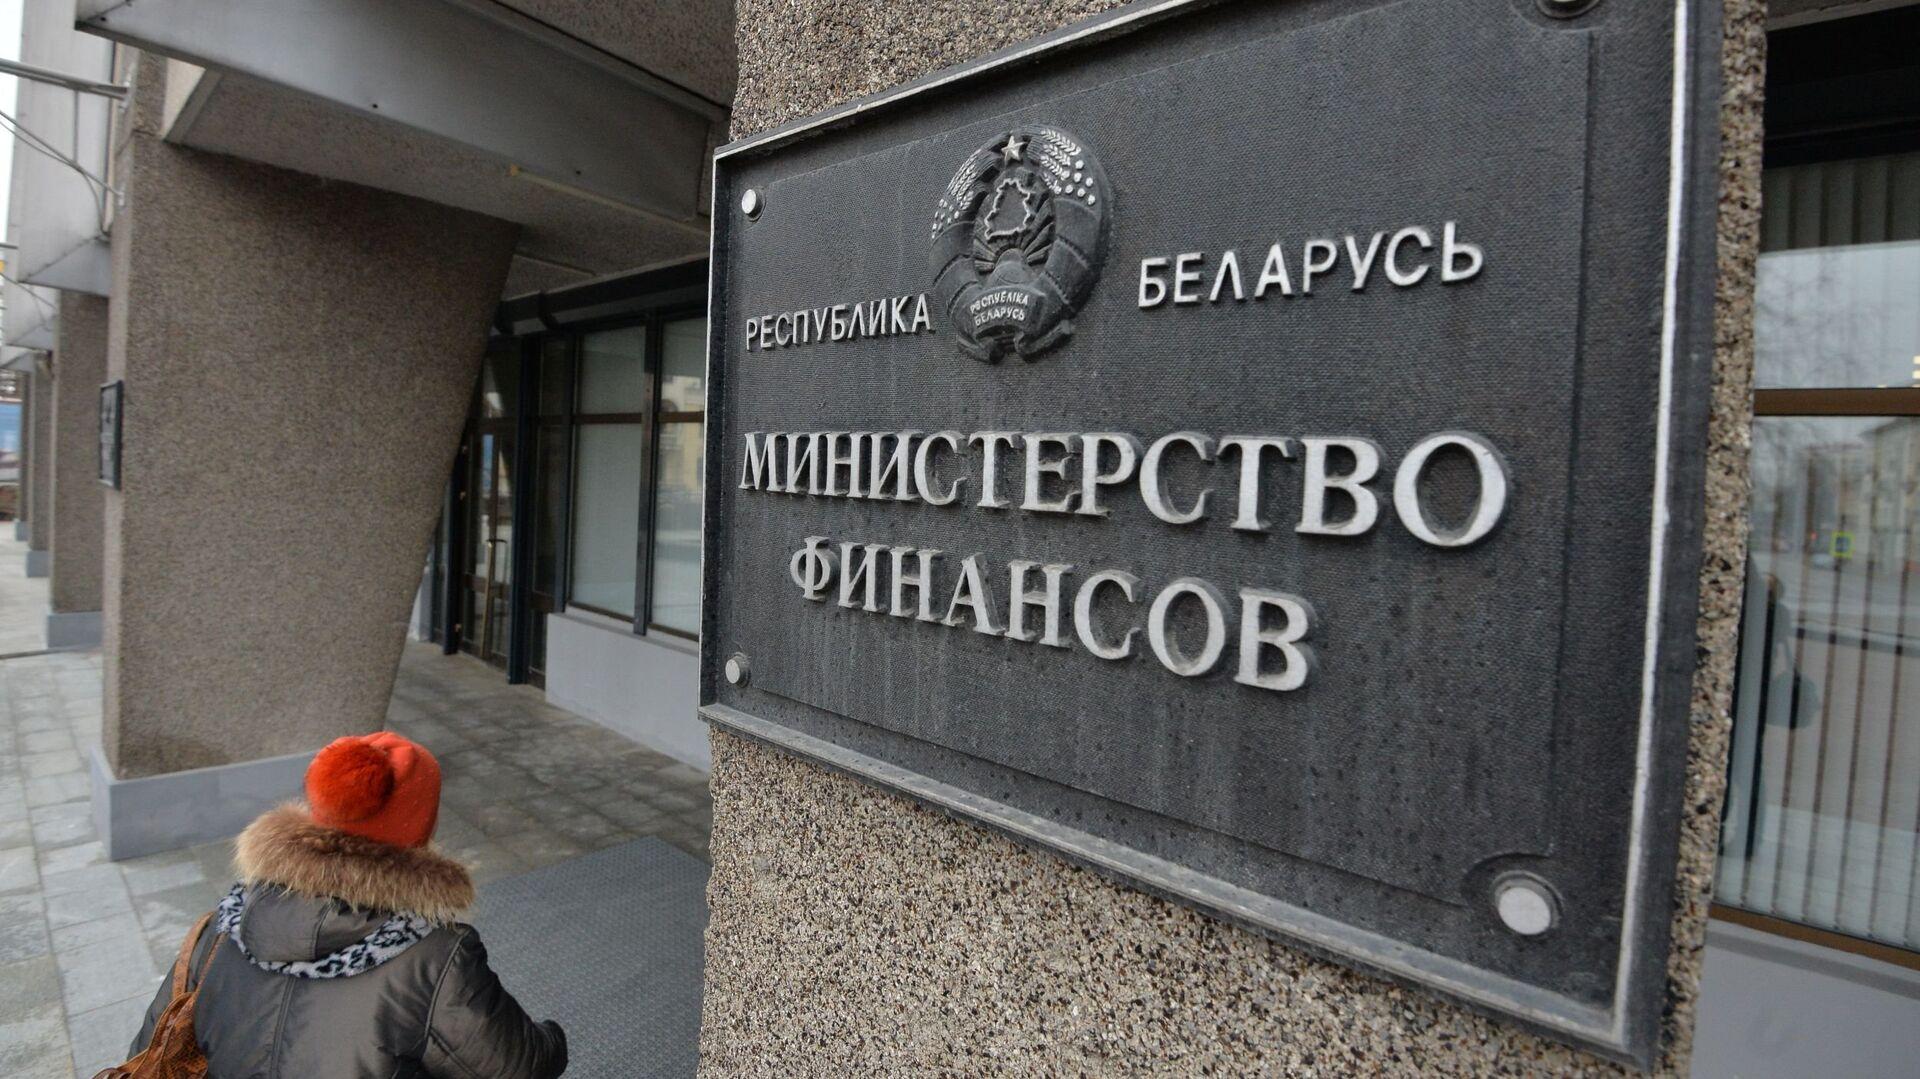 Міністэрства фінансаў Рэспублікі Беларусь - Sputnik Беларусь, 1920, 26.02.2021